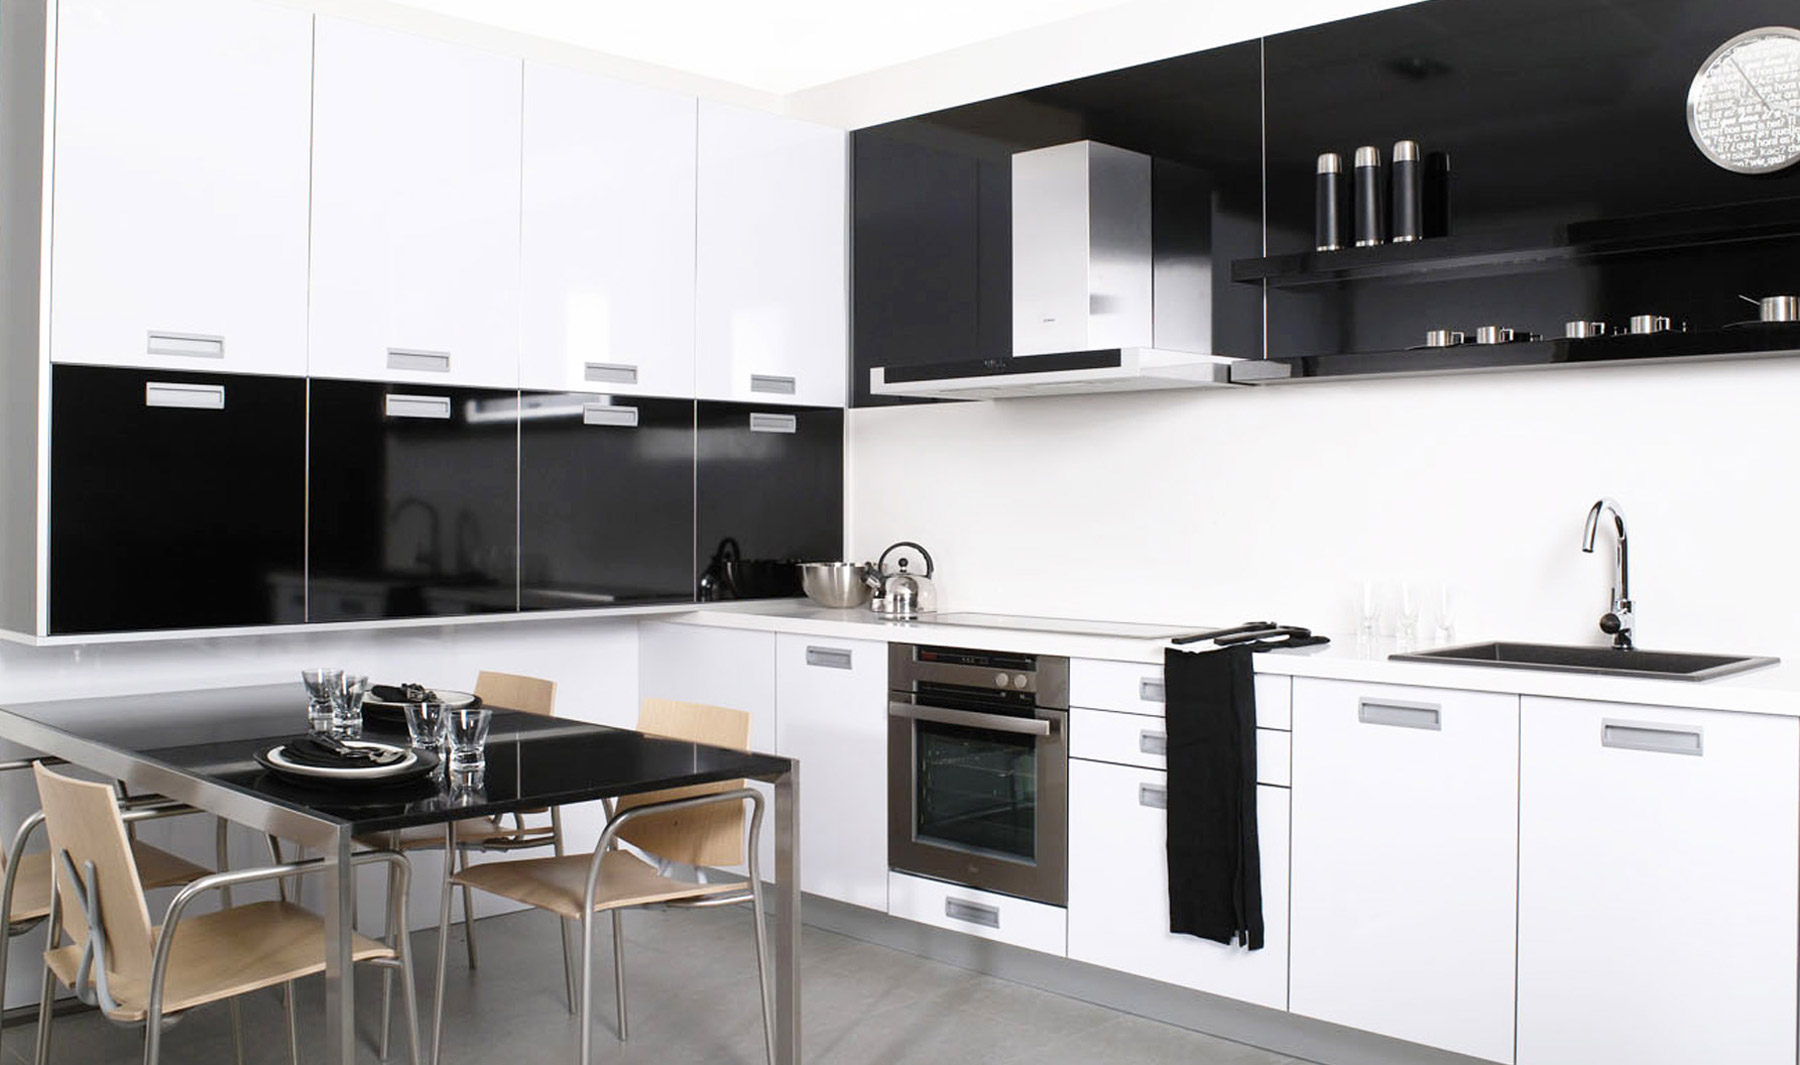 Cocinas integrales modernas para espacios peque os - Cocinas con estilo moderno ...